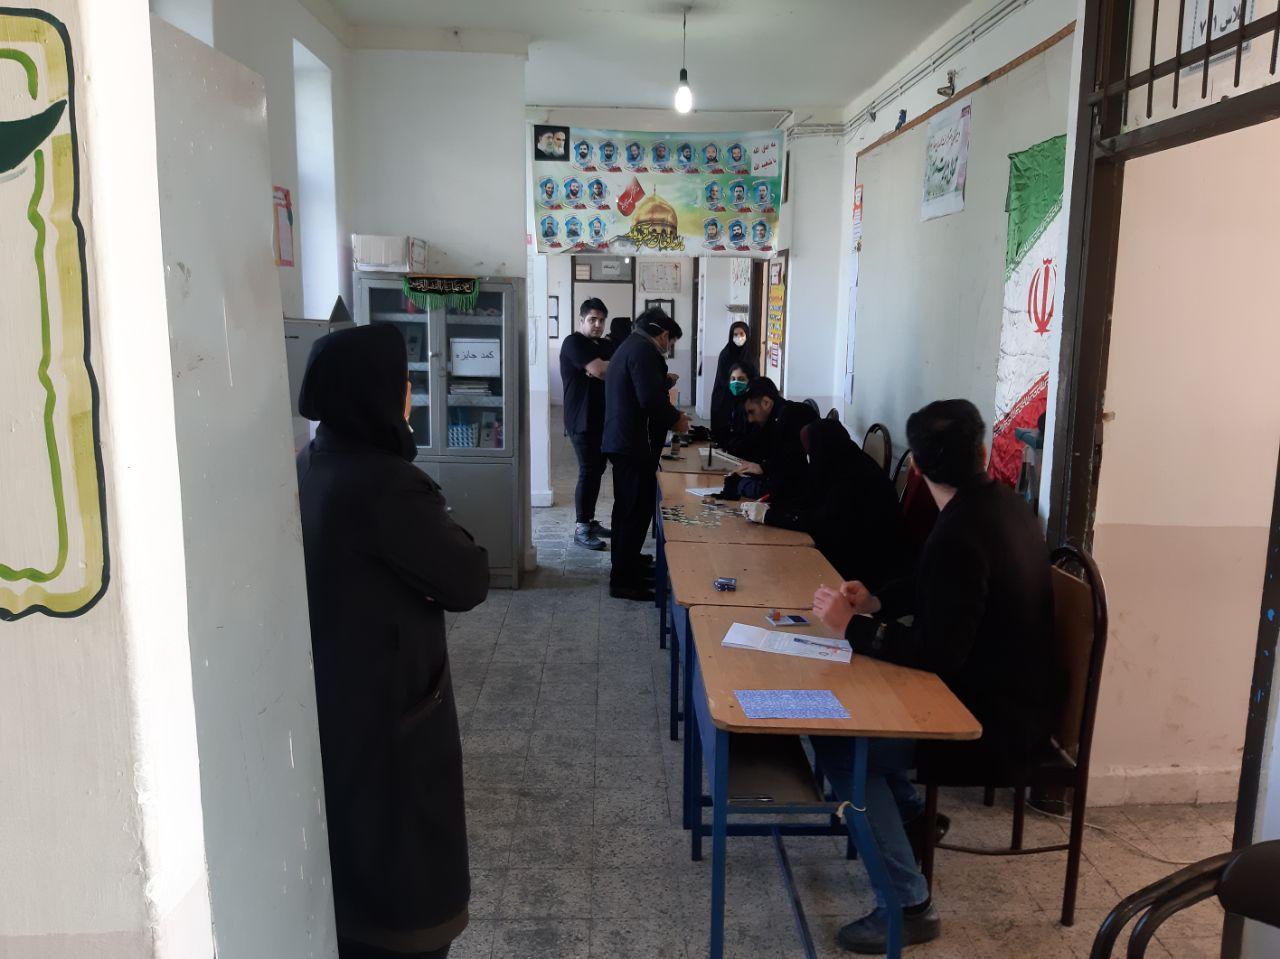 گزارش تصویری از شعب اخذ رای حوزه انتخابیه لاهیجان و سیاهکل